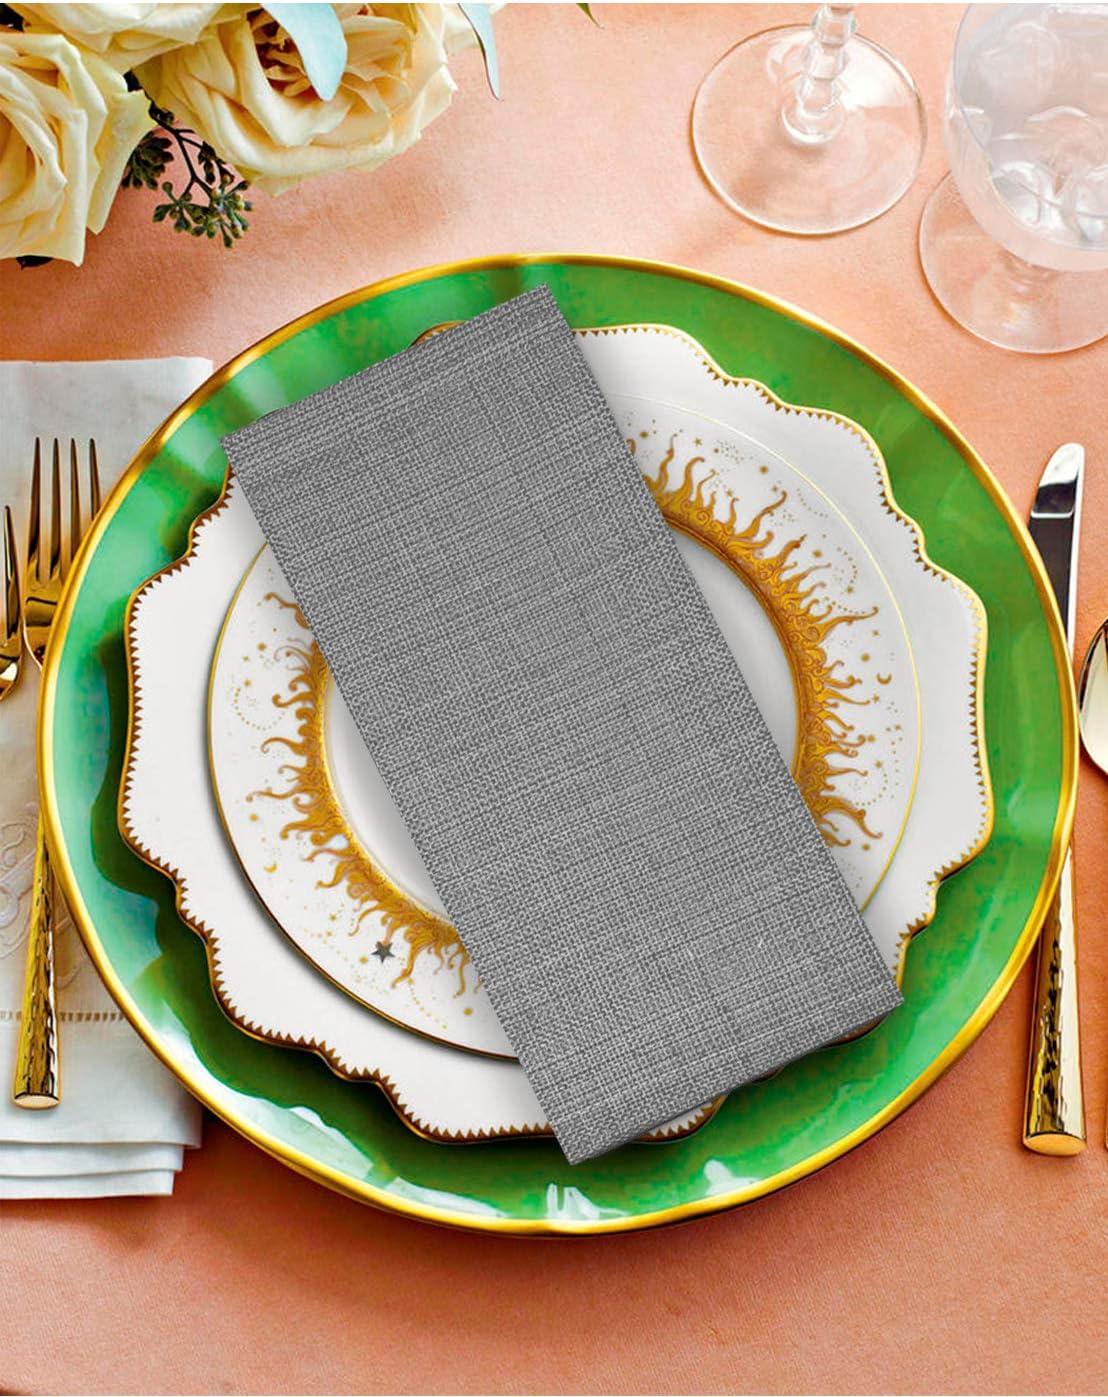 Clinique du coton Lot de 12 Serviettes de Table Coton Surdimensionn/ées 50 x 50 cm Serviettes de Table Tissu Serviettes de Table Mariage Bleu